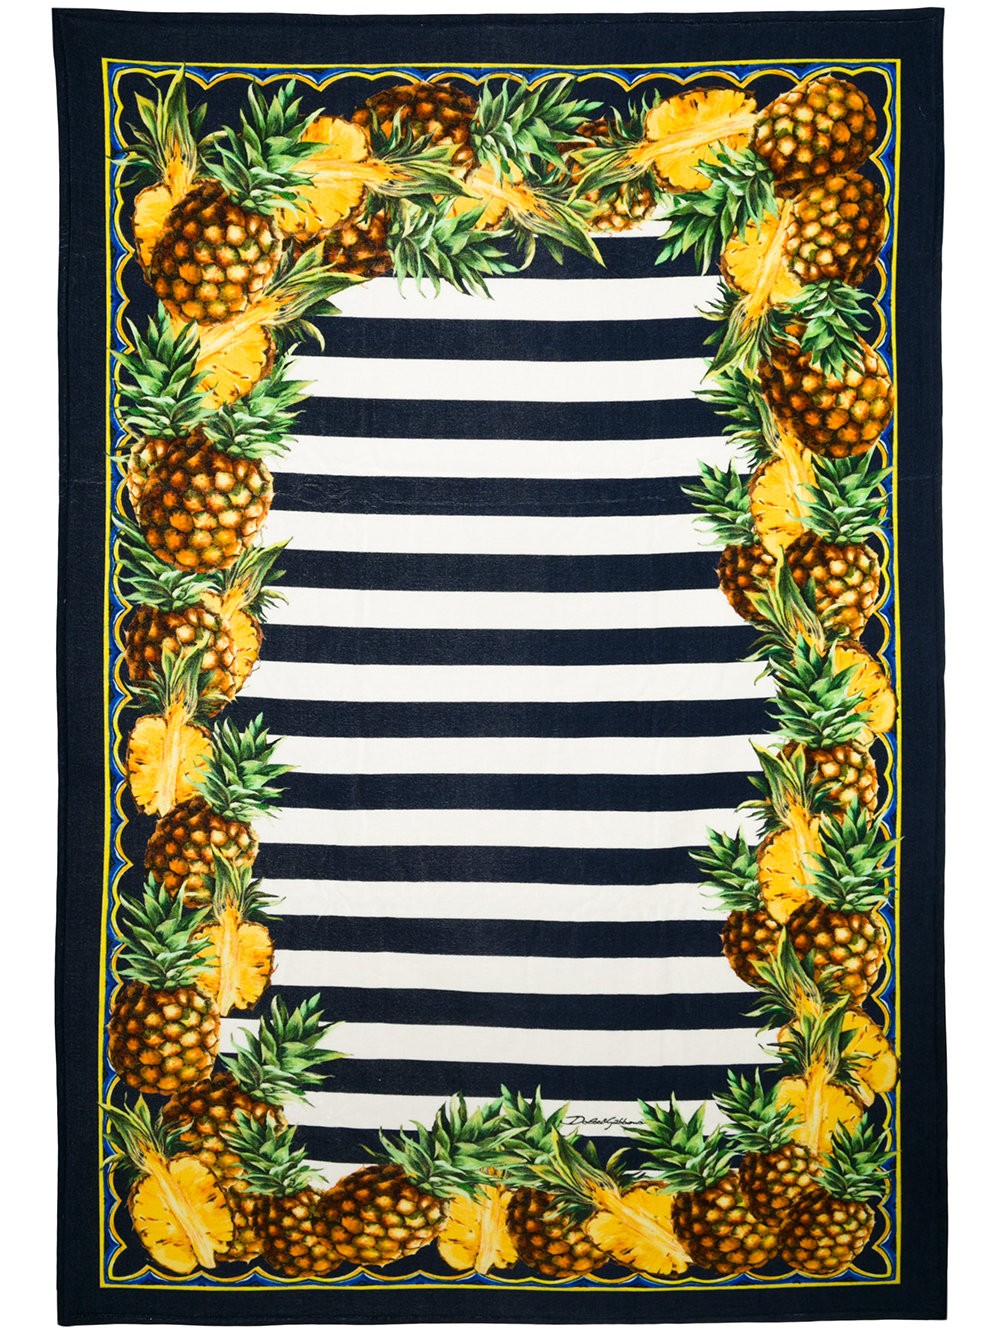 Шал Dolce & Gabbana; от 950лв. на 666лв.